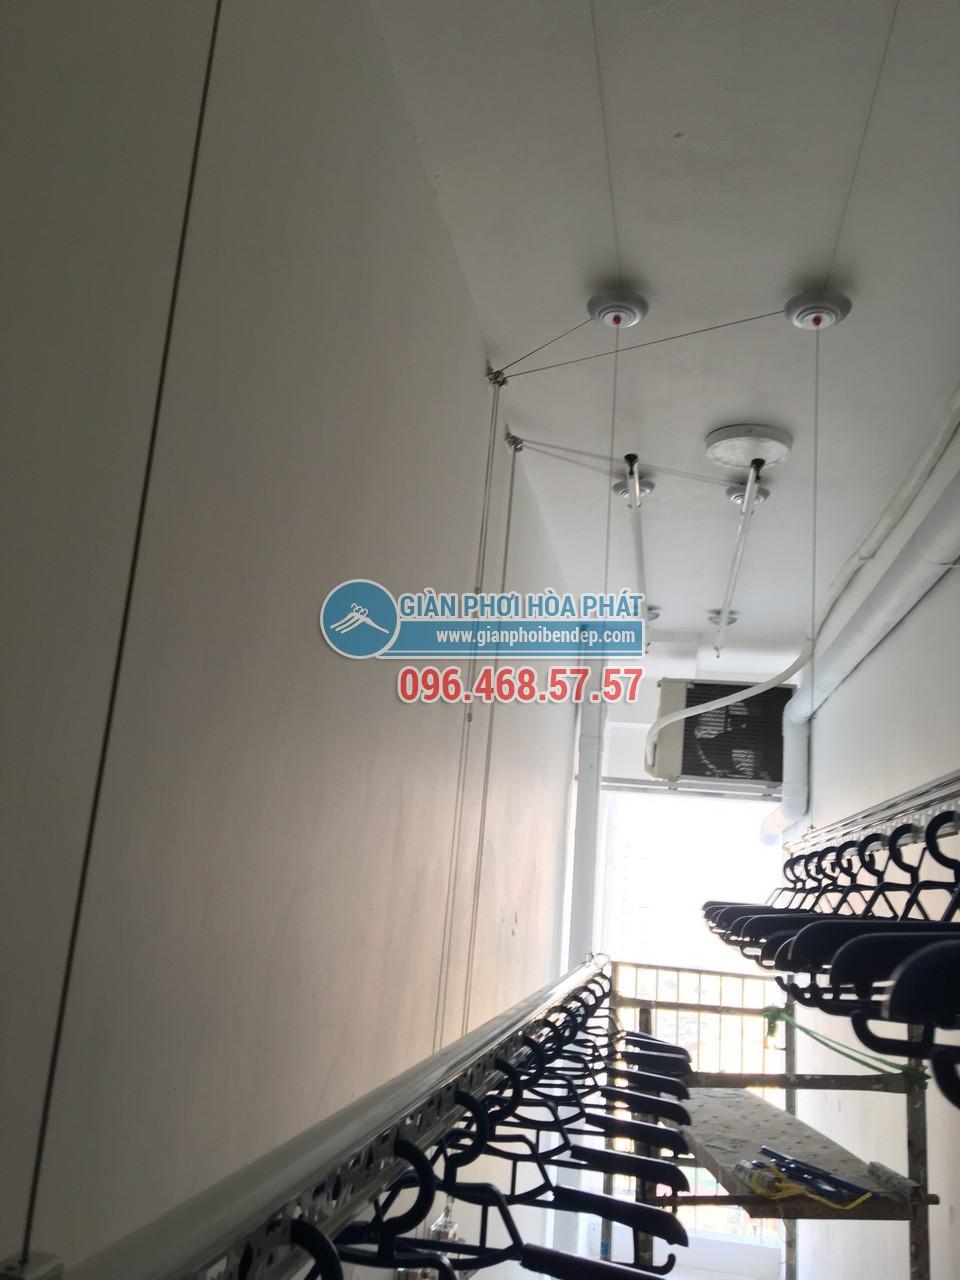 Lô gia dài hẹp thêm tiện ích nhờ lắp đặt giàn phơi thông minh nhà chị Hòa, Golden West - 03